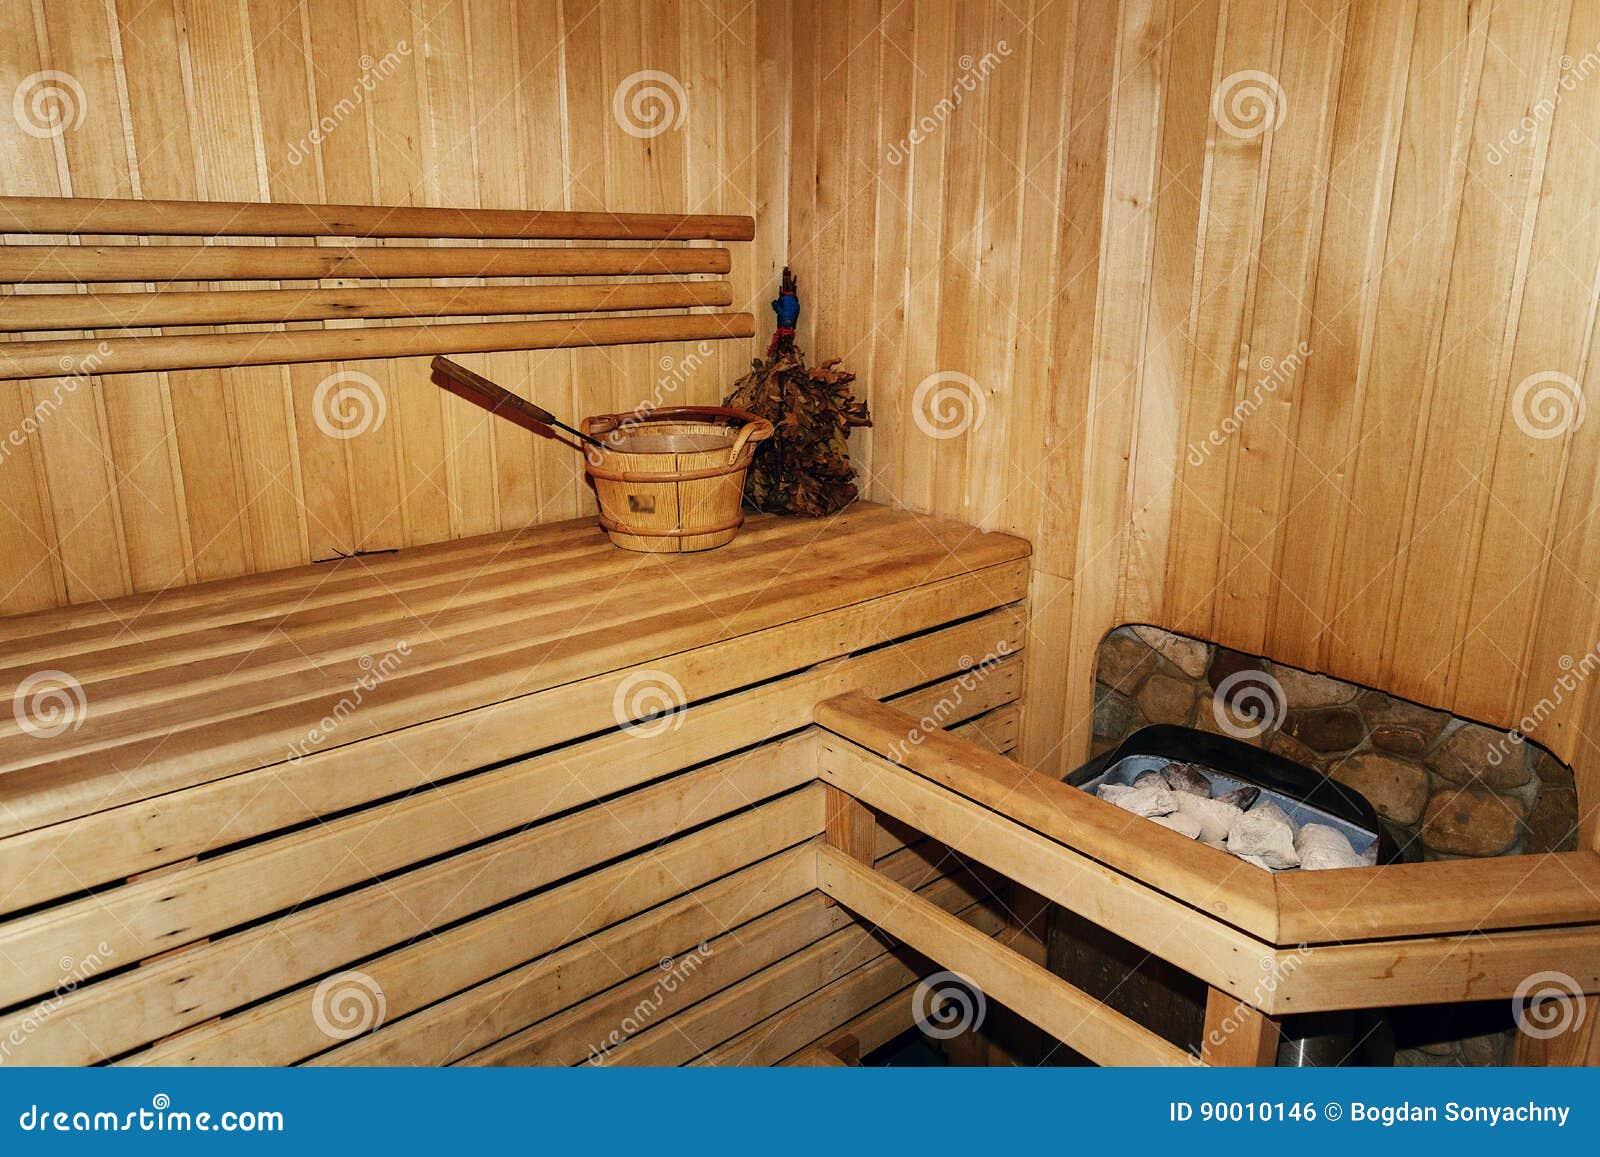 Sauna madera son saunas de exterior y estn construidas a - Madera para sauna ...